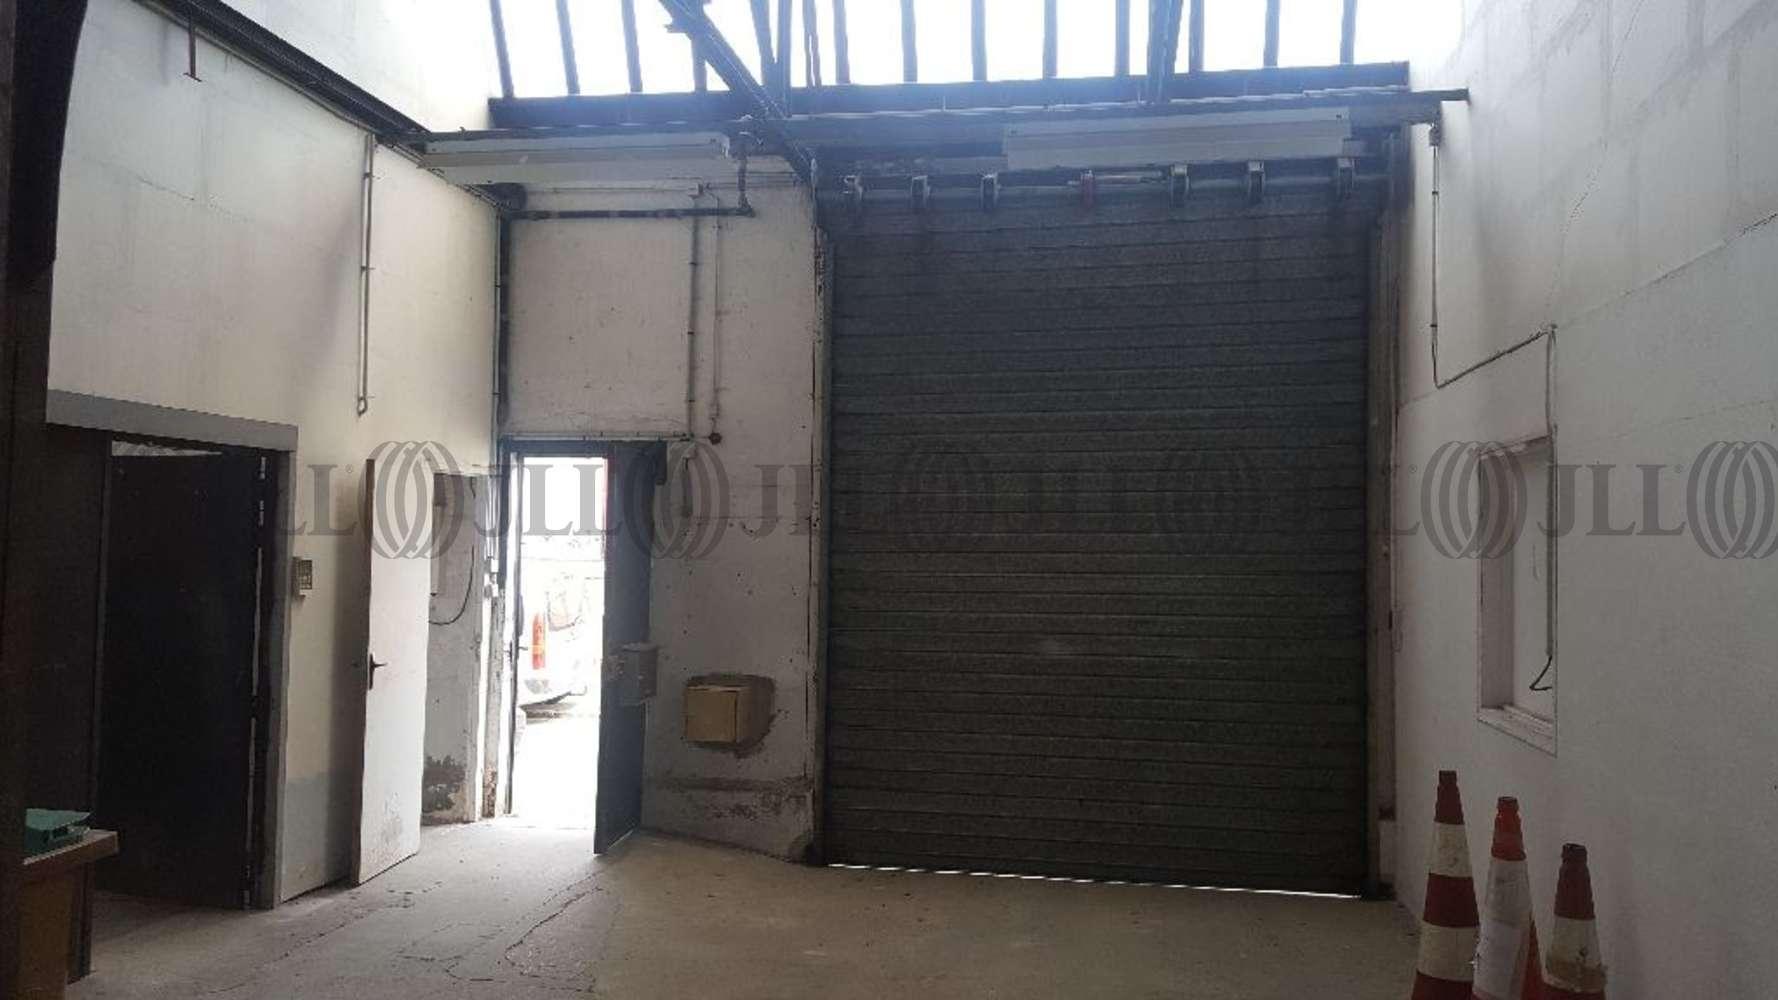 Activités/entrepôt Vitry sur seine, 94400 - 17 RUE DE L'YSER - 9536383